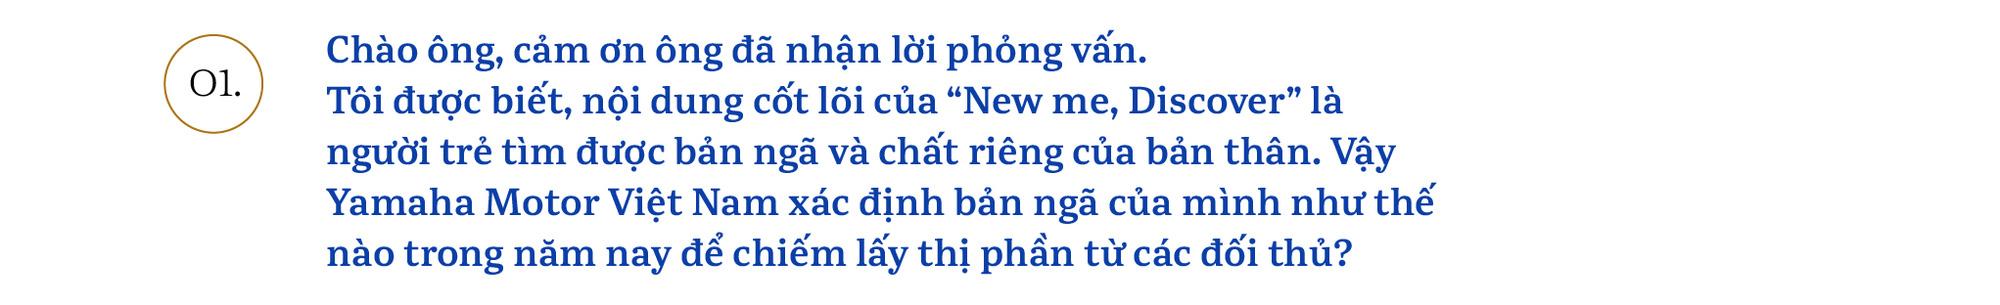 Chủ tịch Yamaha Việt Nam: 'Chúng tôi sẽ khơi dậy khách hàng trẻ tìm được bản ngã của chính mình' - Ảnh 1.